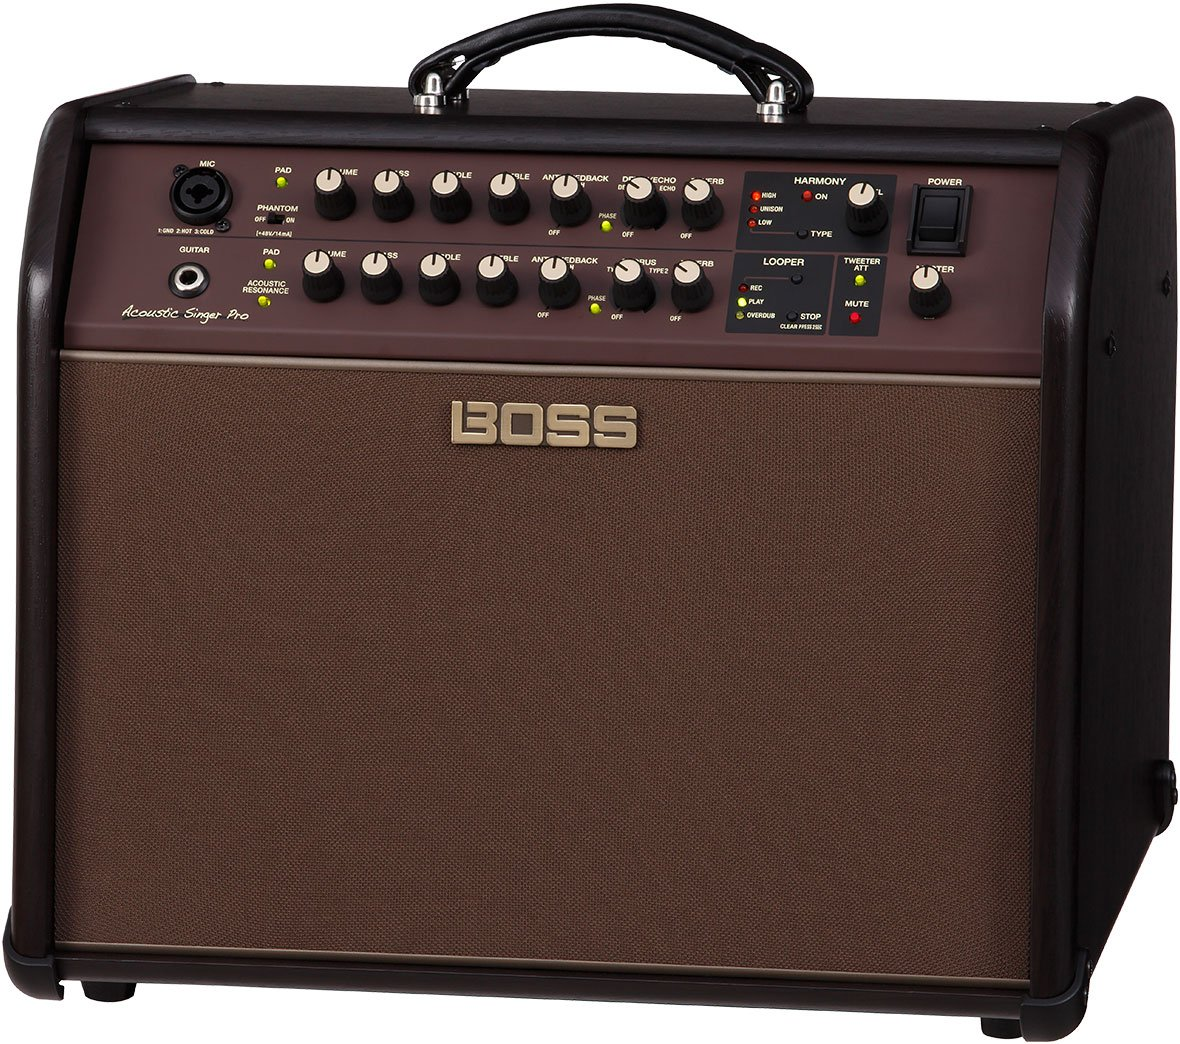 Roland ACS-PRO Acoustic Singer Pro Amp